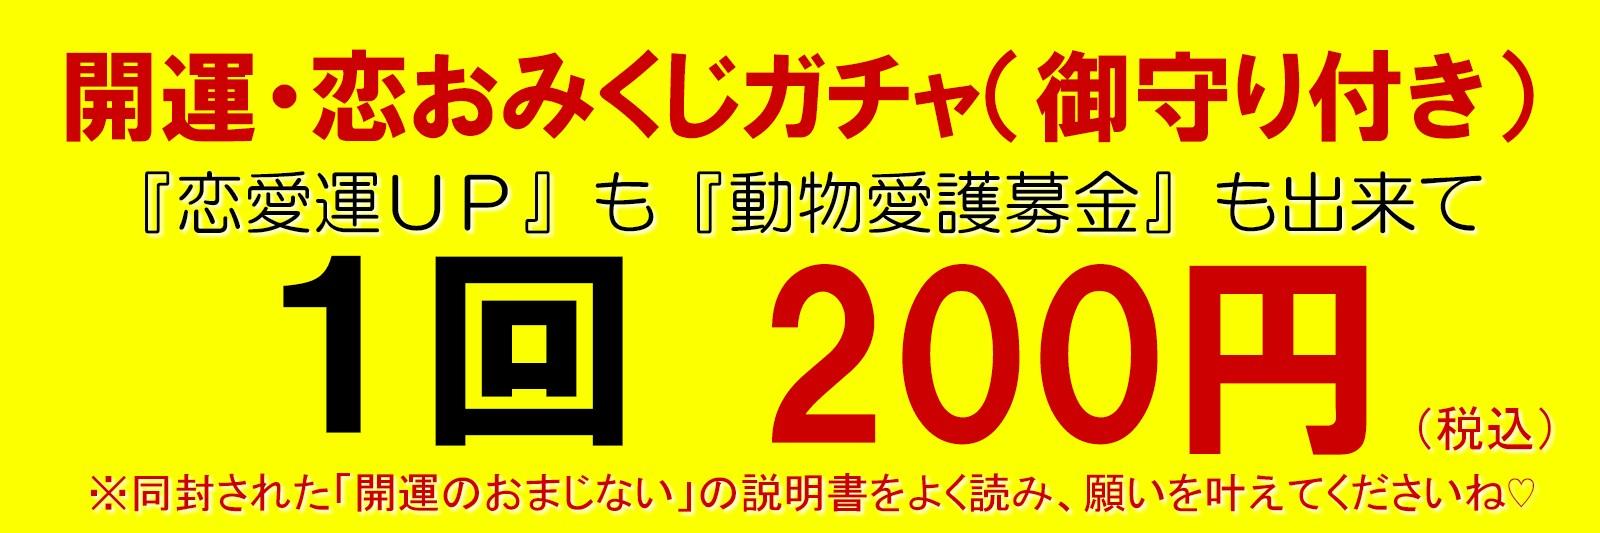 ボランティア(募金・寄付)型の恋おみくじなら「開運・恋おみくじガチャ(御守り付き)200円」が渋谷で話題!恋愛運アップも出来て、動物愛護も出来る素敵なガチャガチャです。